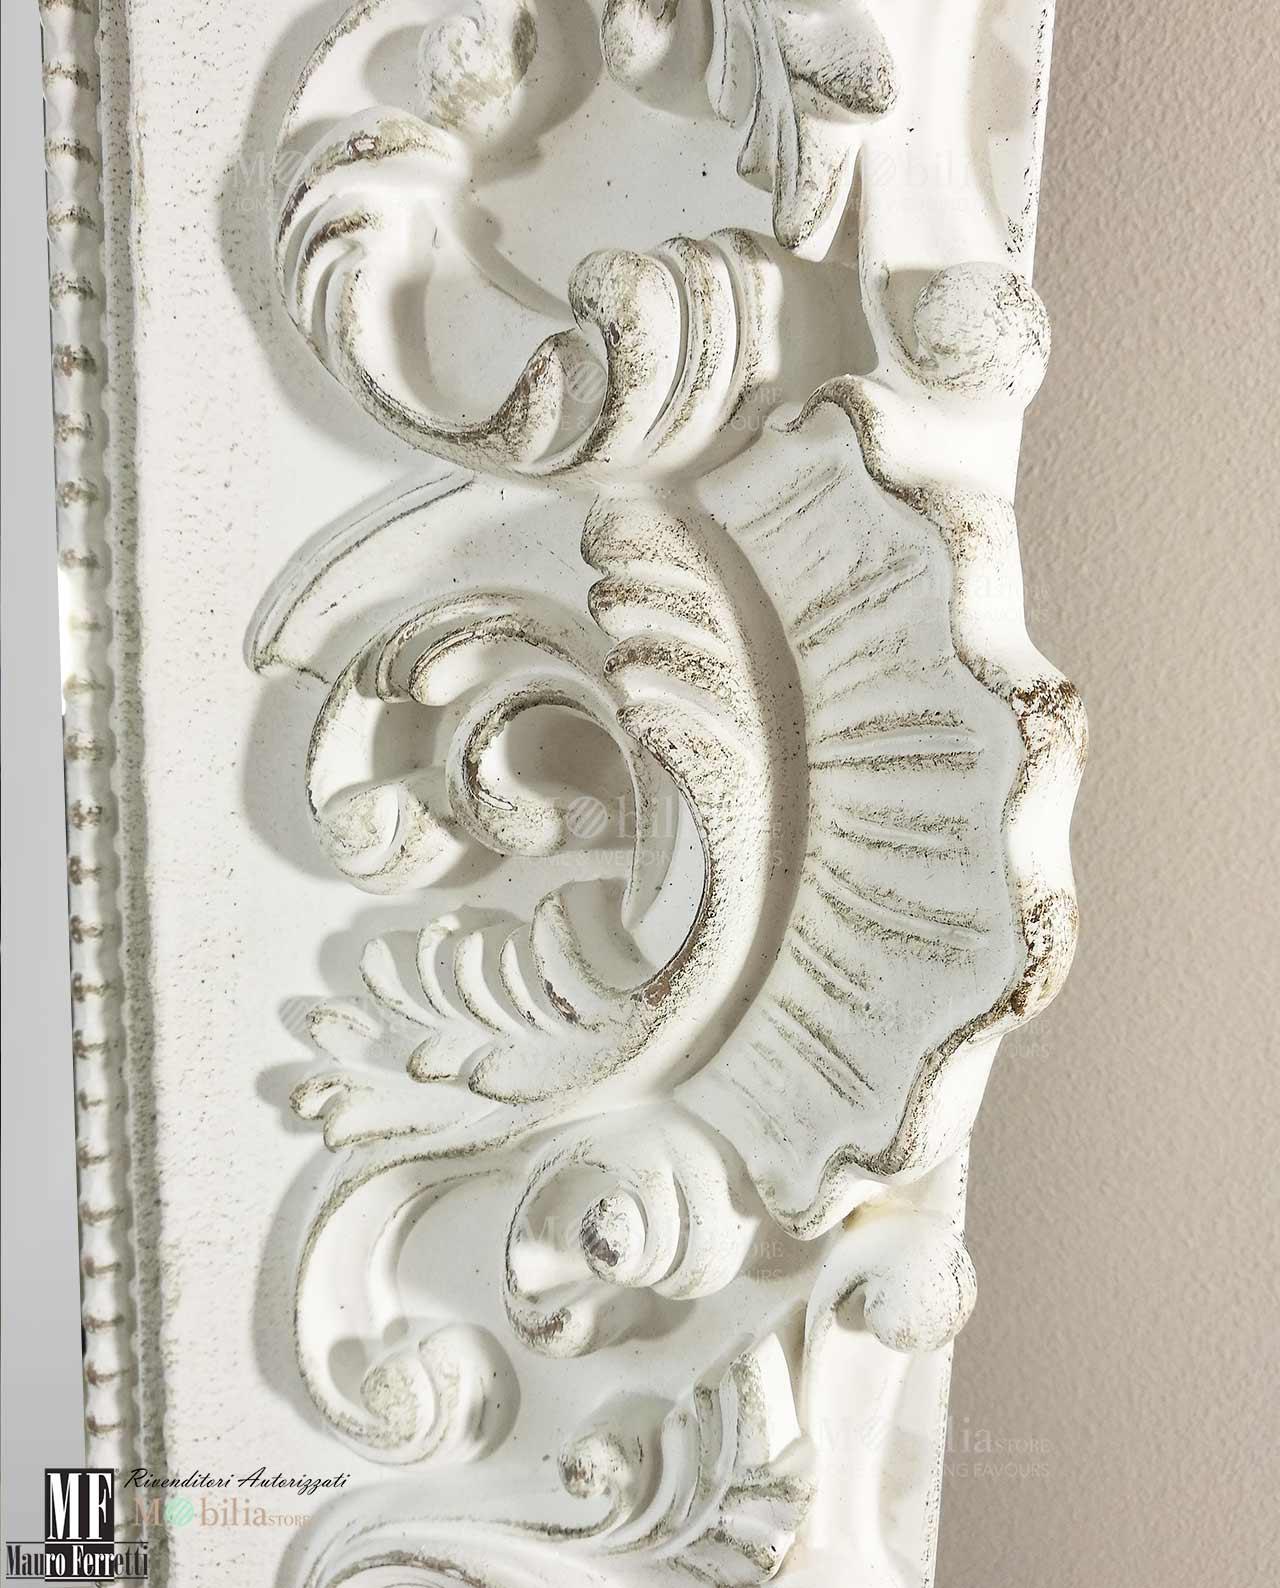 Specchio da parete shabby chic mobilia store home favours - Specchio ovale shabby chic ...